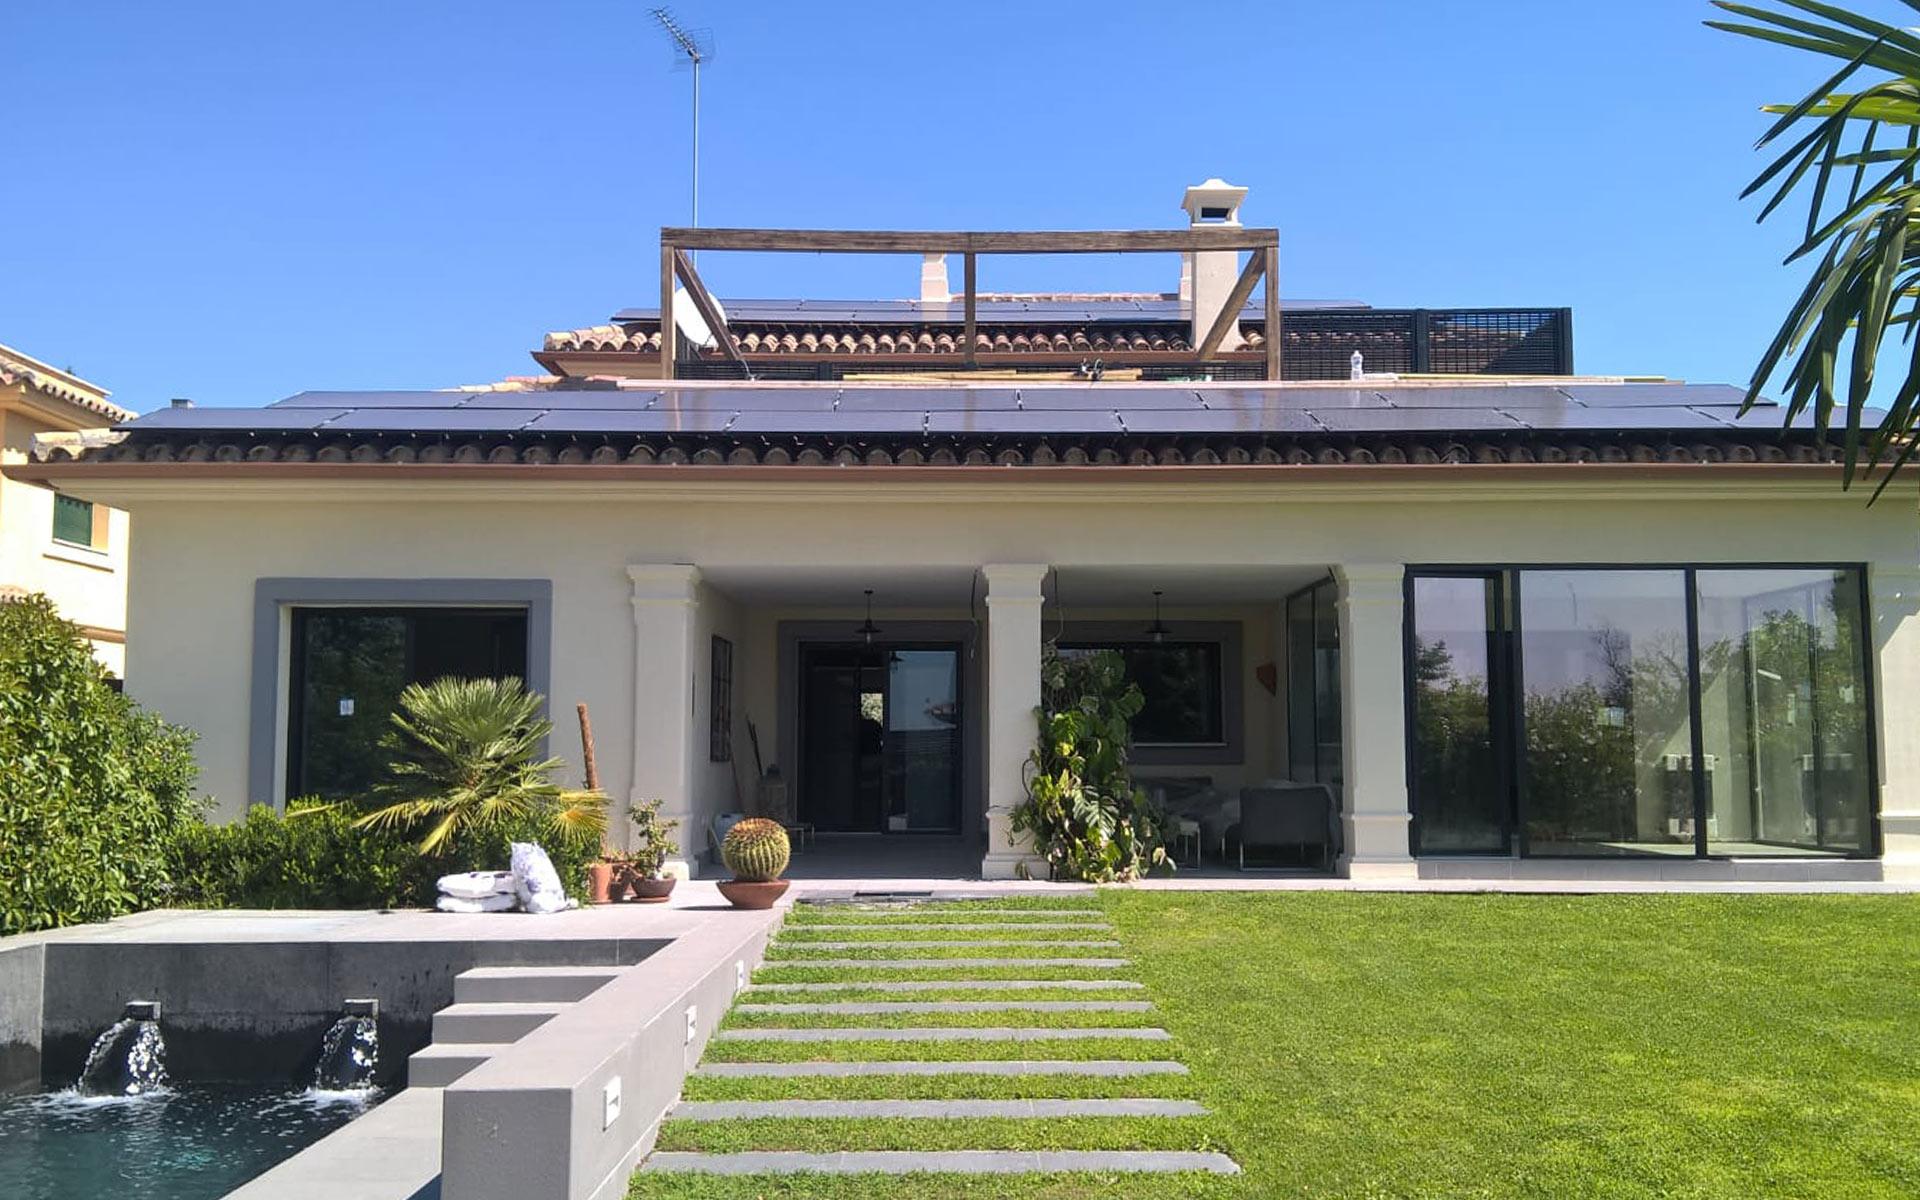 abatec-instalaciones-obras-realizadas-instalacion-fotovoltaica-en-vivienda-03